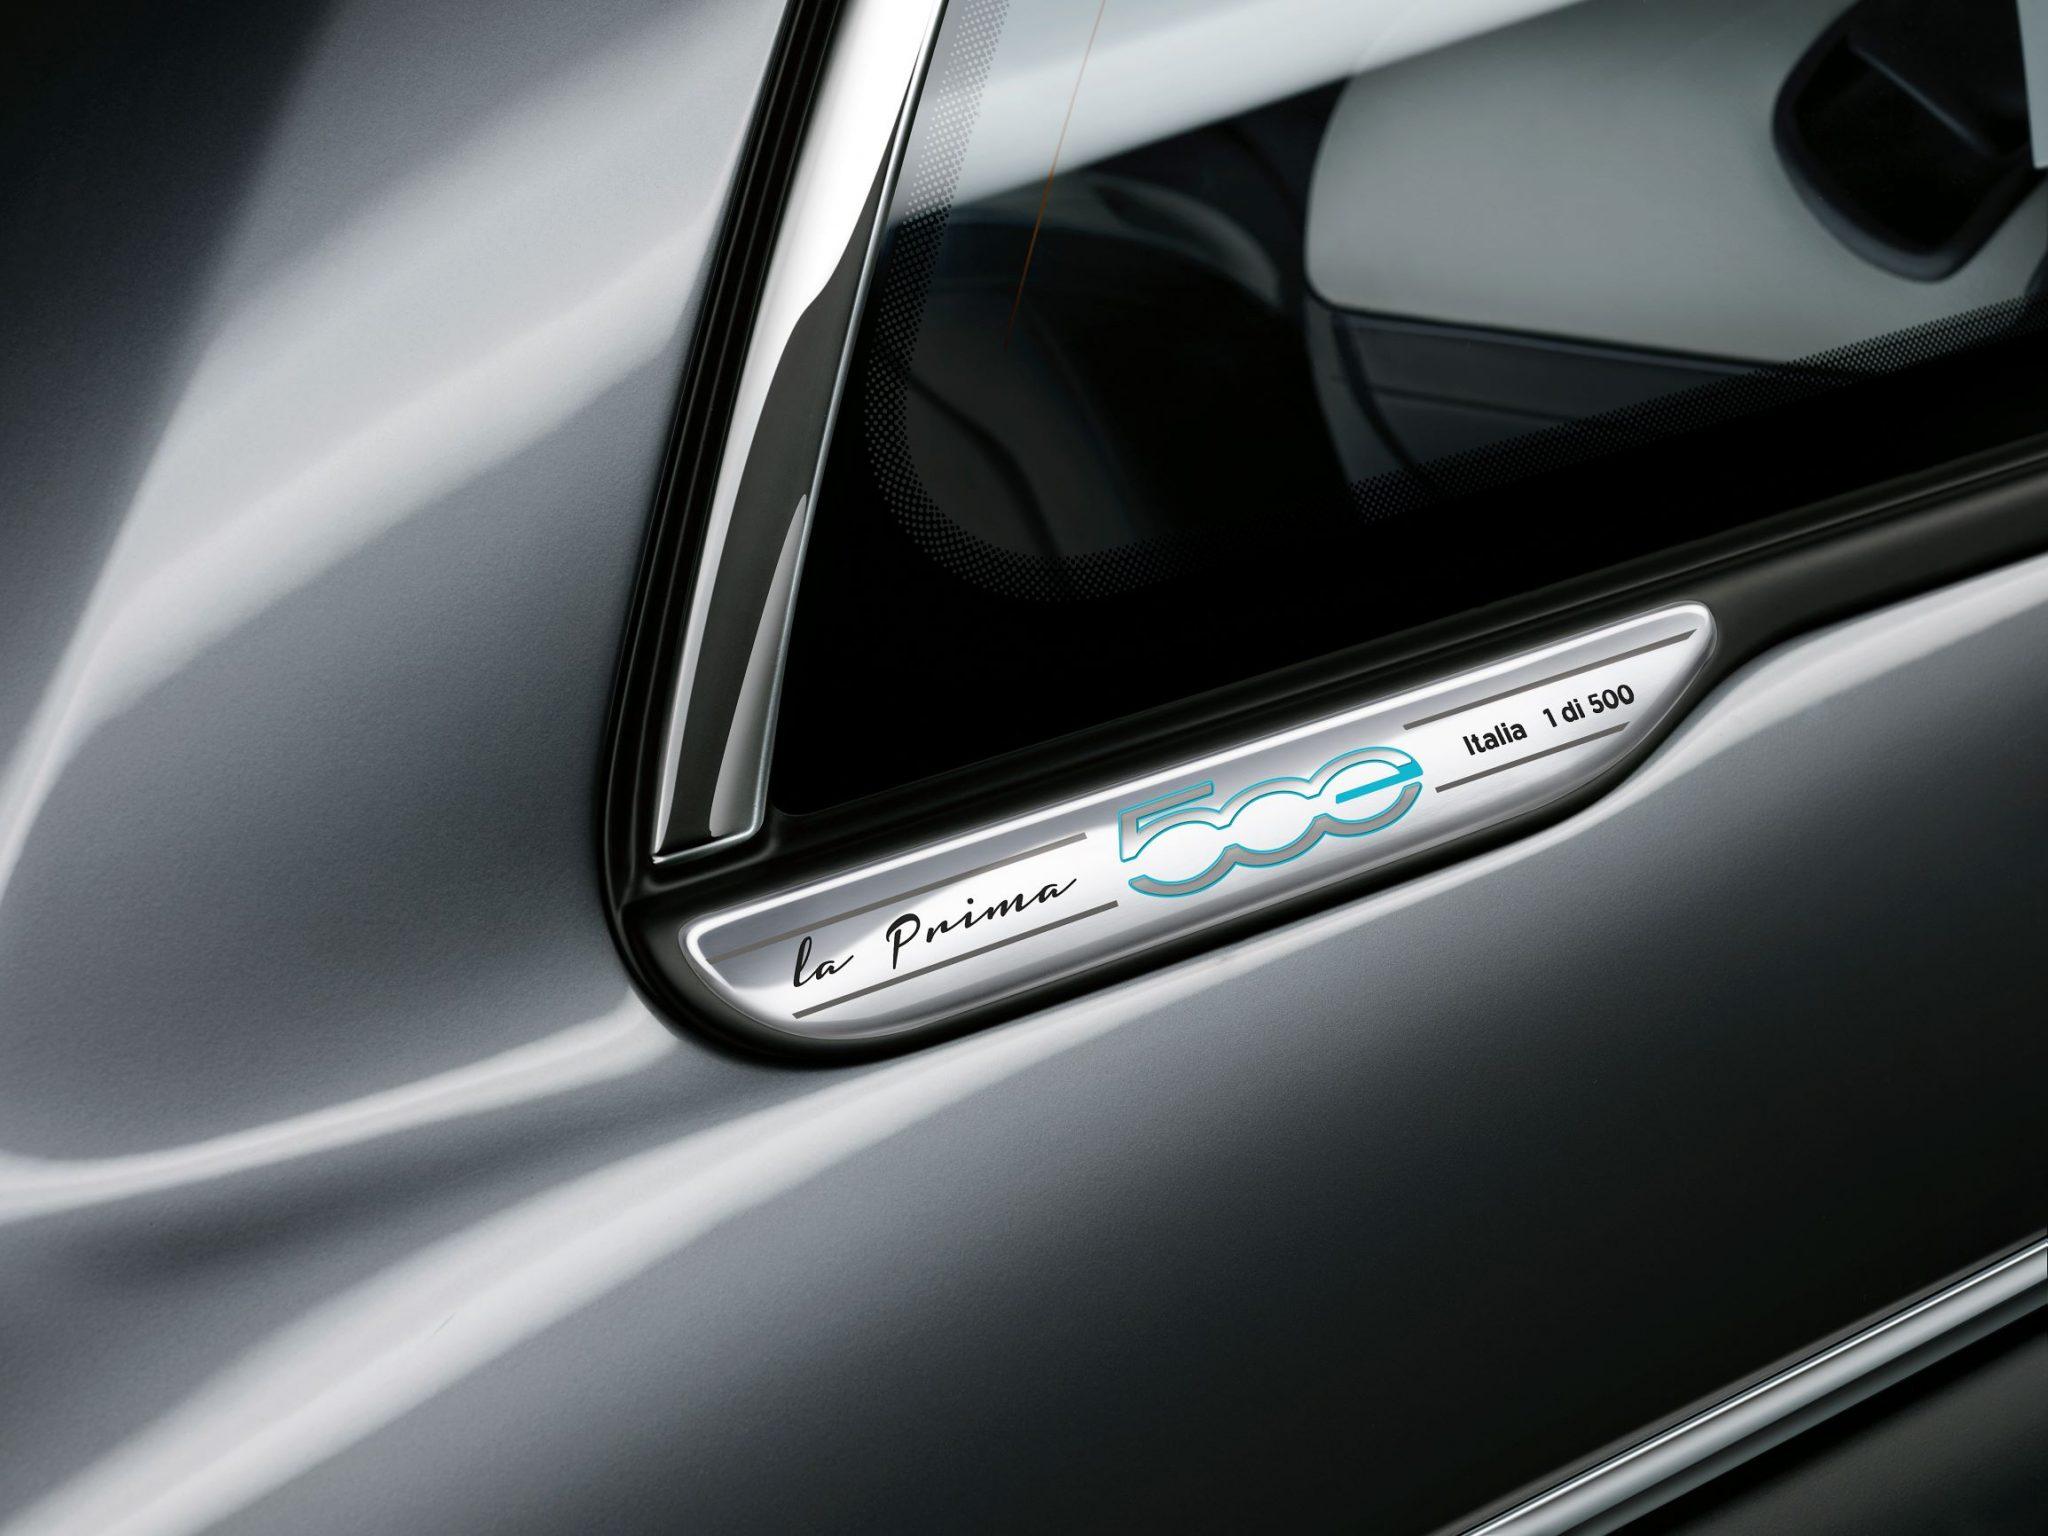 FIAT 500 Elettrica foto La Prima